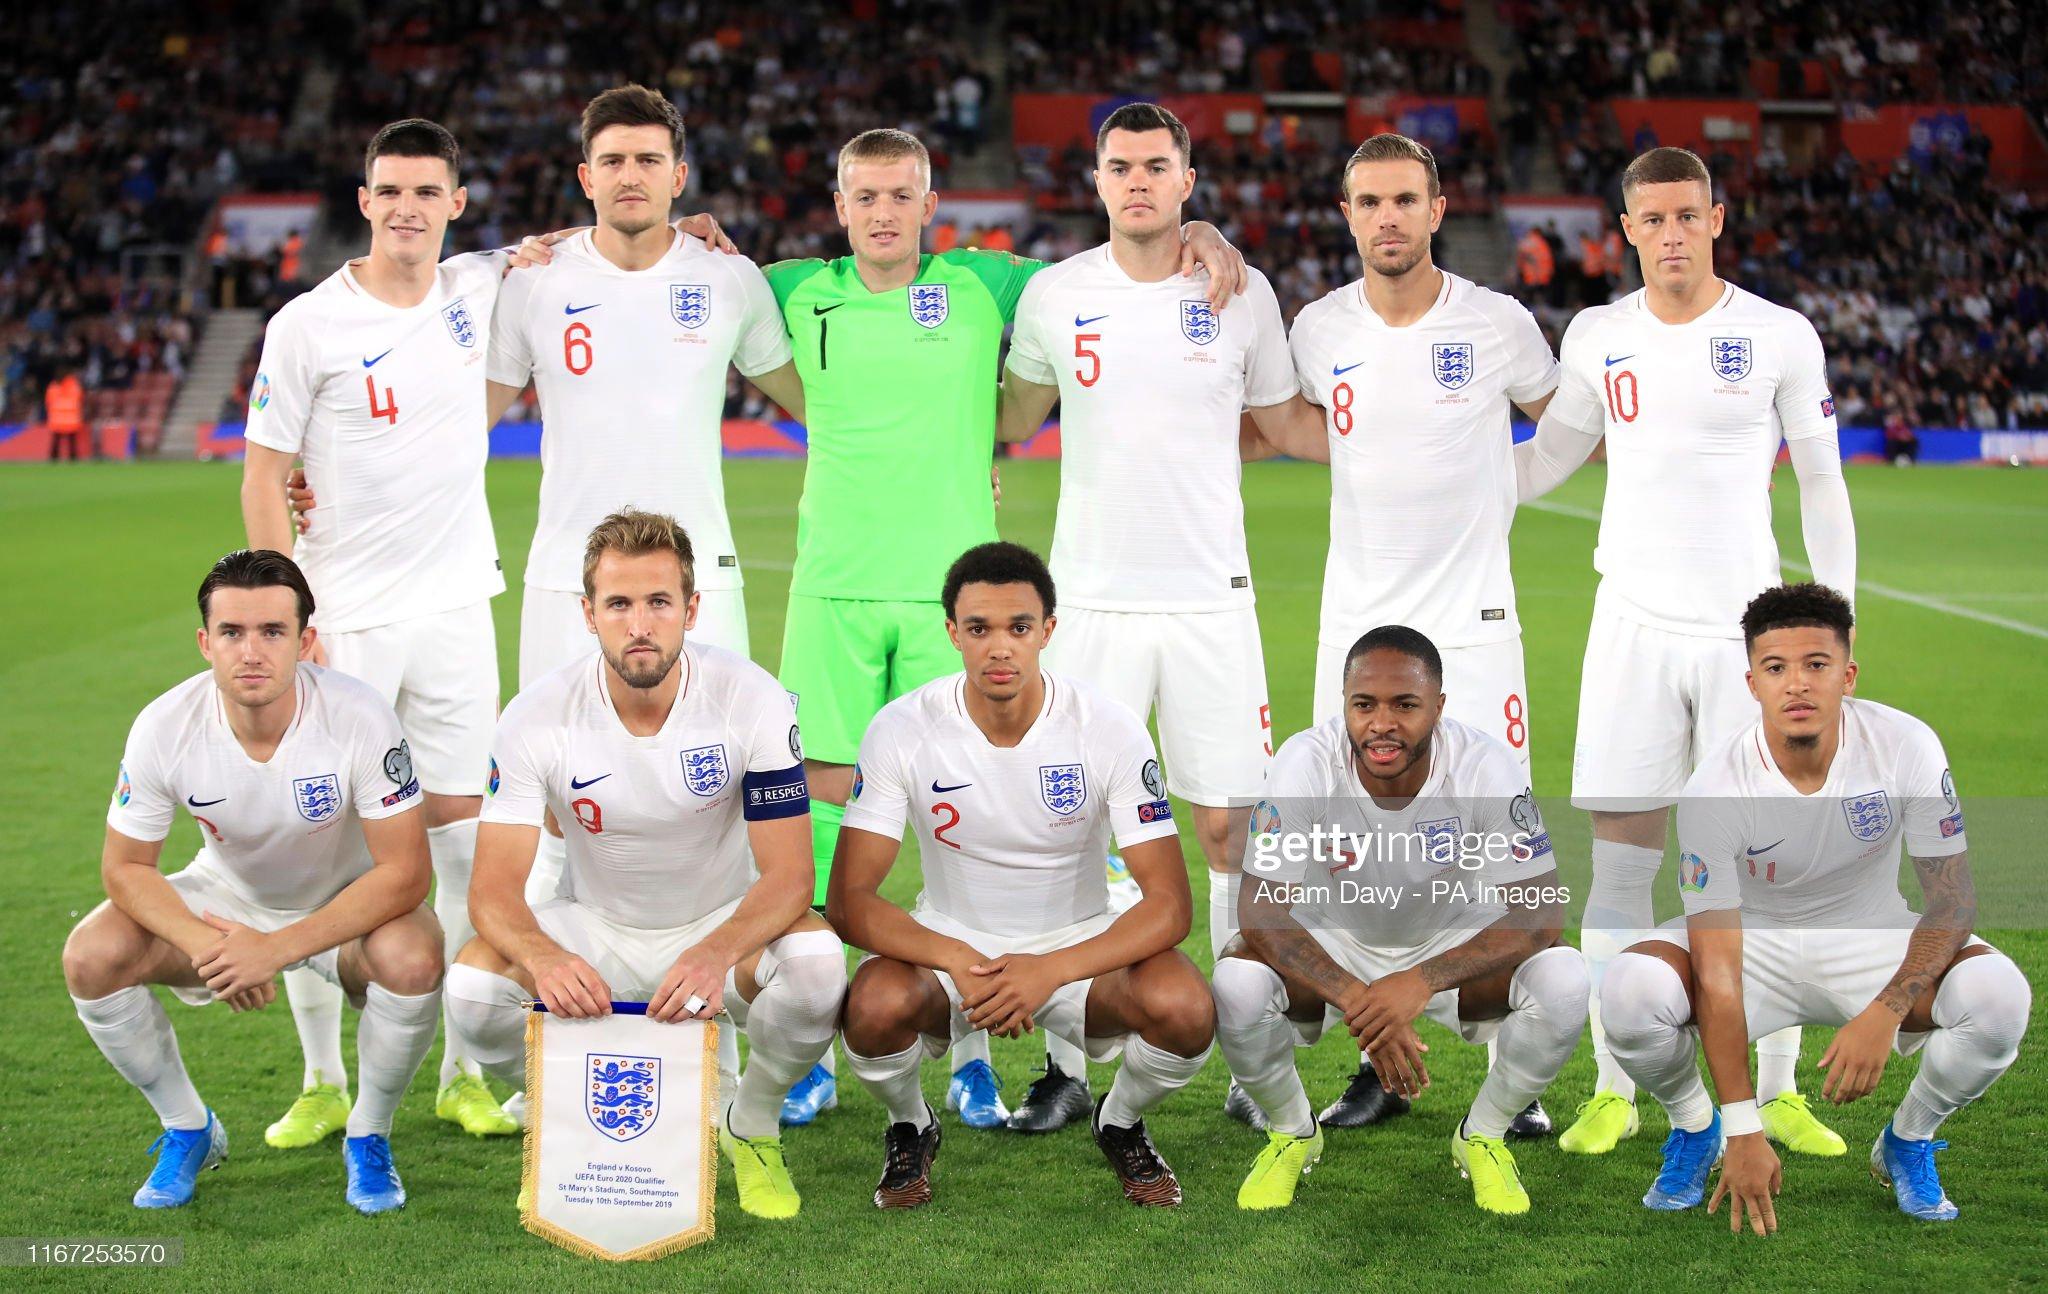 England v Kosovo - UEFA Euro 2020 Qualifying - Group A - St Mary's : News Photo